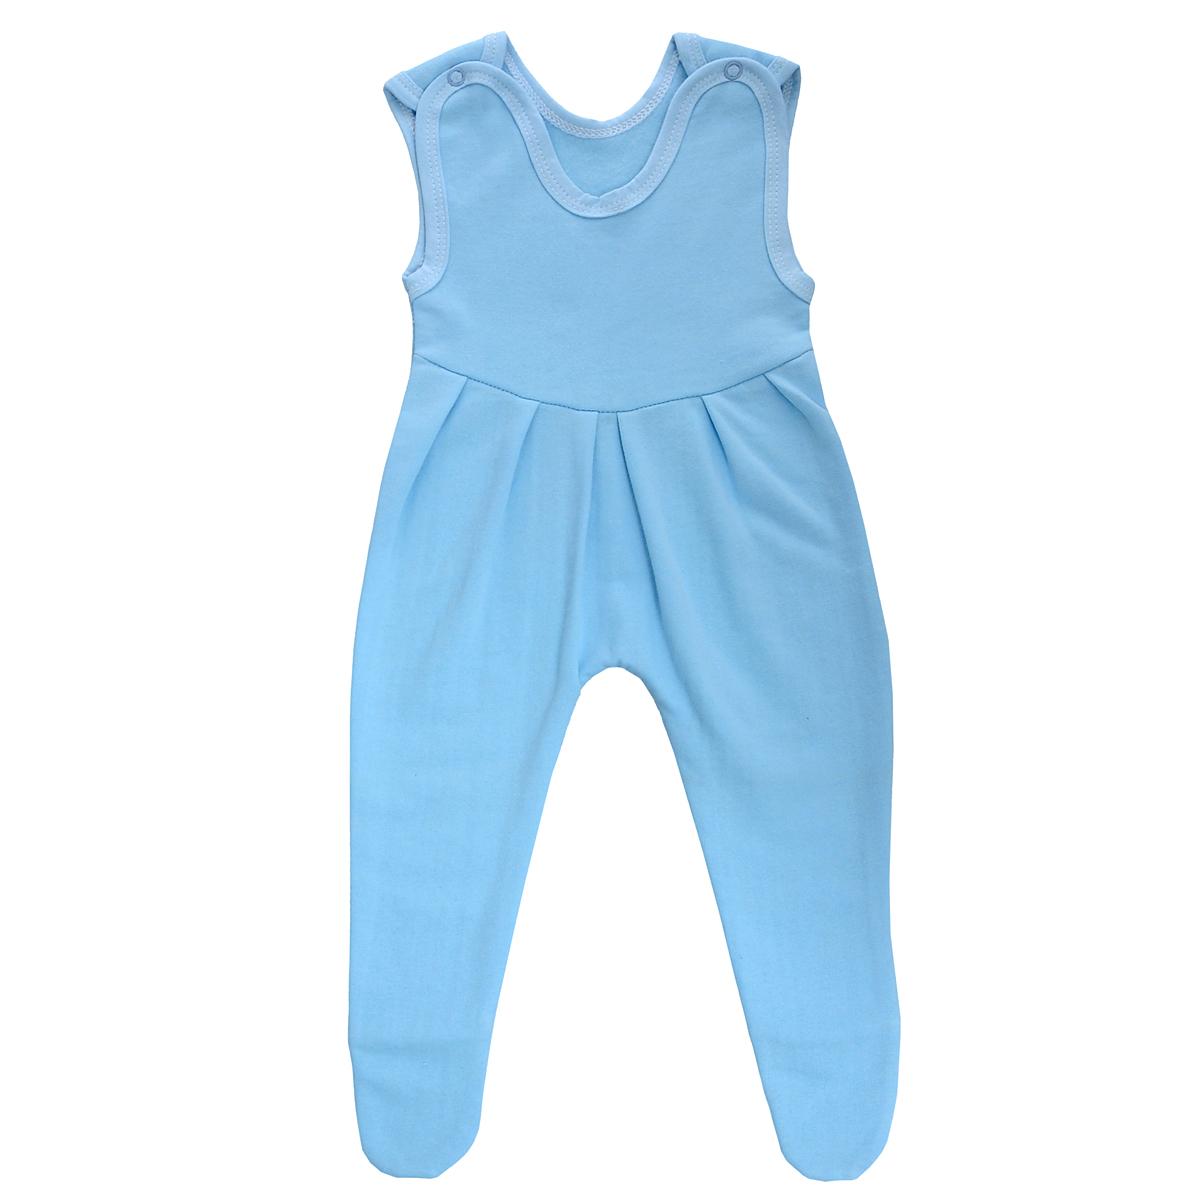 Ползунки с грудкой Трон-плюс, цвет: голубой. 5221. Размер 74, 9 месяцев5221Ползунки с грудкой Трон-плюс - очень удобный и практичный вид одежды для малышей. Ползунки выполнены из футера - натурального хлопка, благодаря чему они необычайно мягкие, тепленькие и приятные на ощупь, не раздражают нежную кожу ребенка и хорошо вентилируются, а эластичные швы приятны телу младенца и не препятствуют его движениям. Ползунки с закрытыми ножками, застегивающиеся сверху на две кнопочки, идеально подойдут вашему ребенку, обеспечивая ему наибольший комфорт, подходят для ношения с подгузником и без него. От линии груди заложены складочки, придающие изделию оригинальность.Ползунки с грудкой полностью соответствуют особенностям жизни младенца в ранний период, не стесняя и не ограничивая его в движениях!